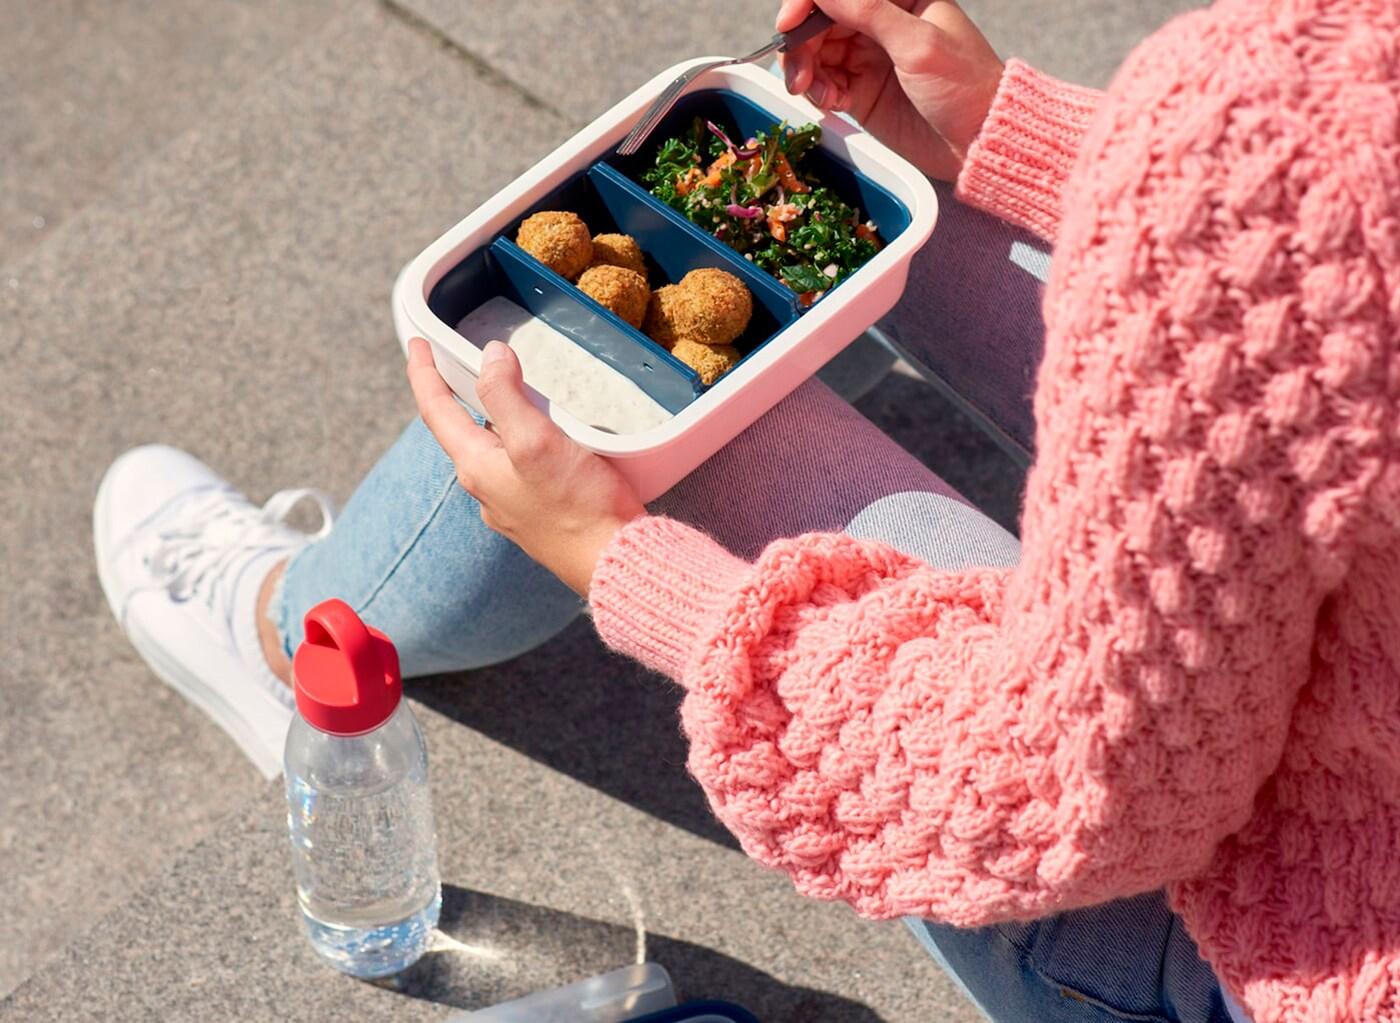 Een vrouw eet uit een plastic IKEA voorraaddoos. Een transparante met water gevulde plastic fles staat naast haar.